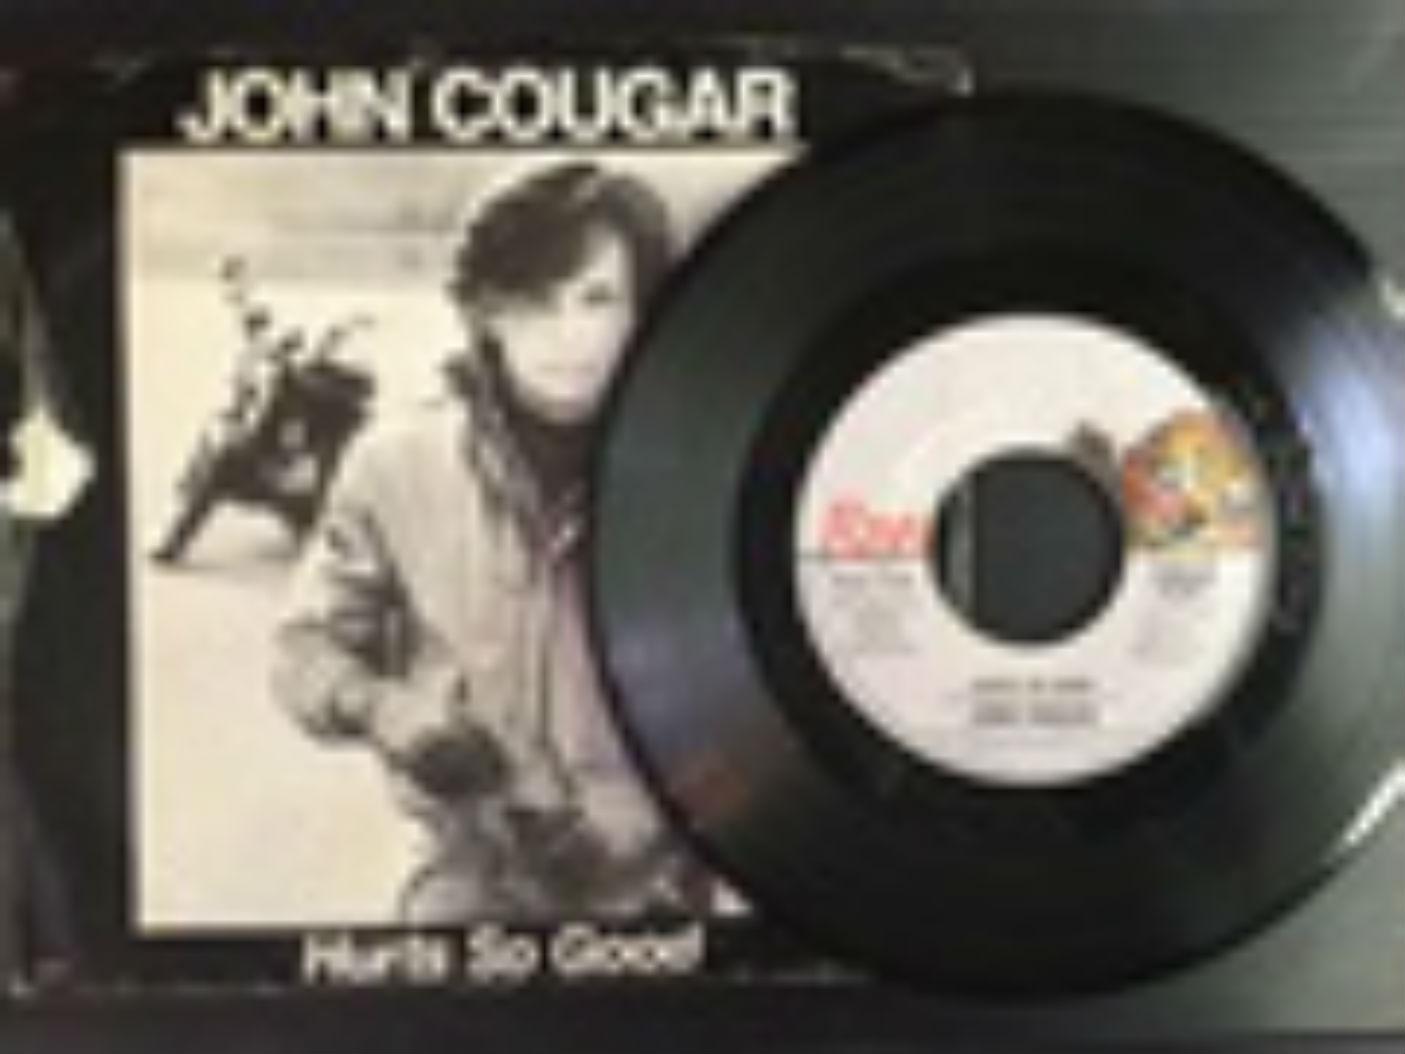 John Cougar / Hurts So Good